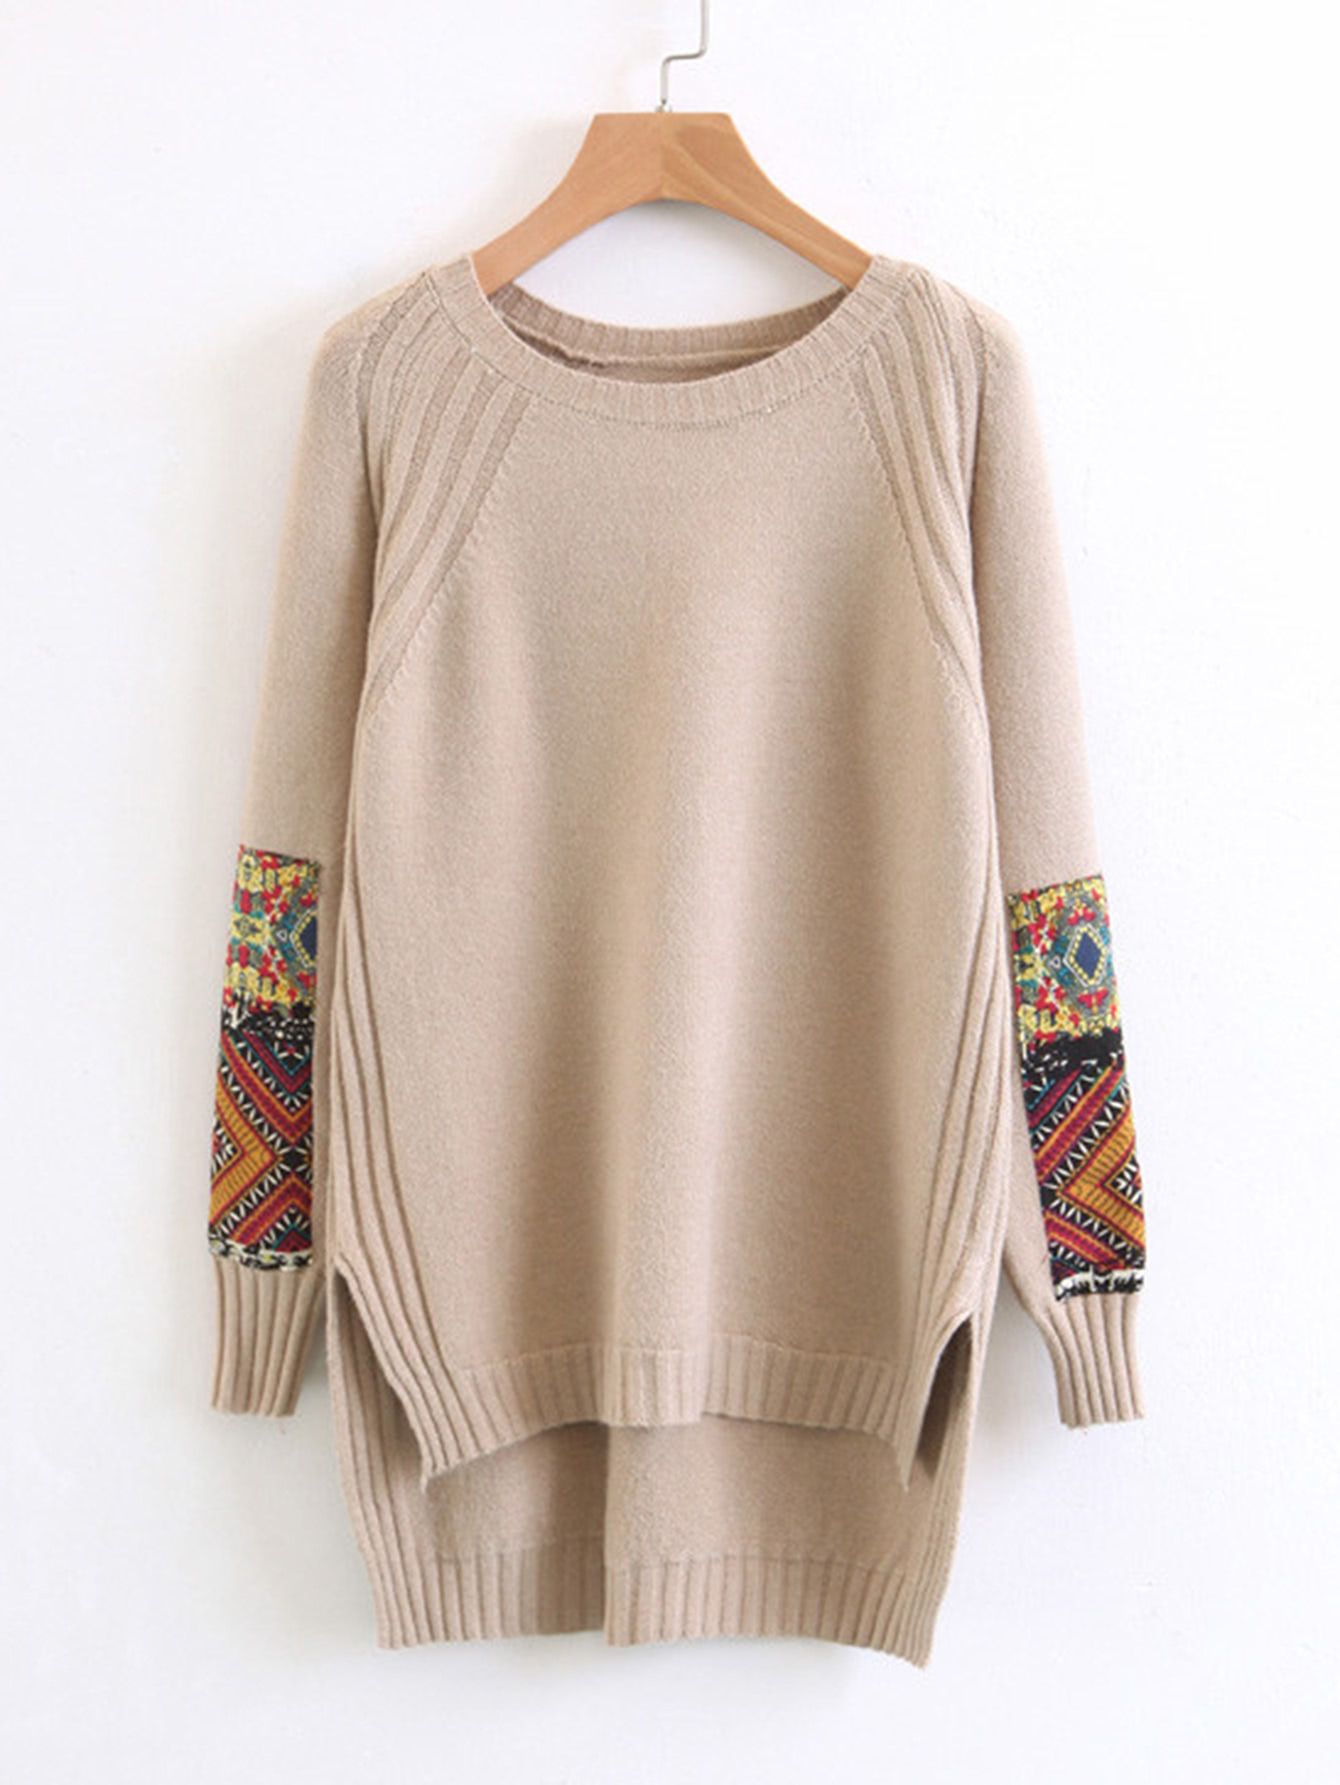 Купить Контрастный патч с высоким низким свитером, null, SheIn